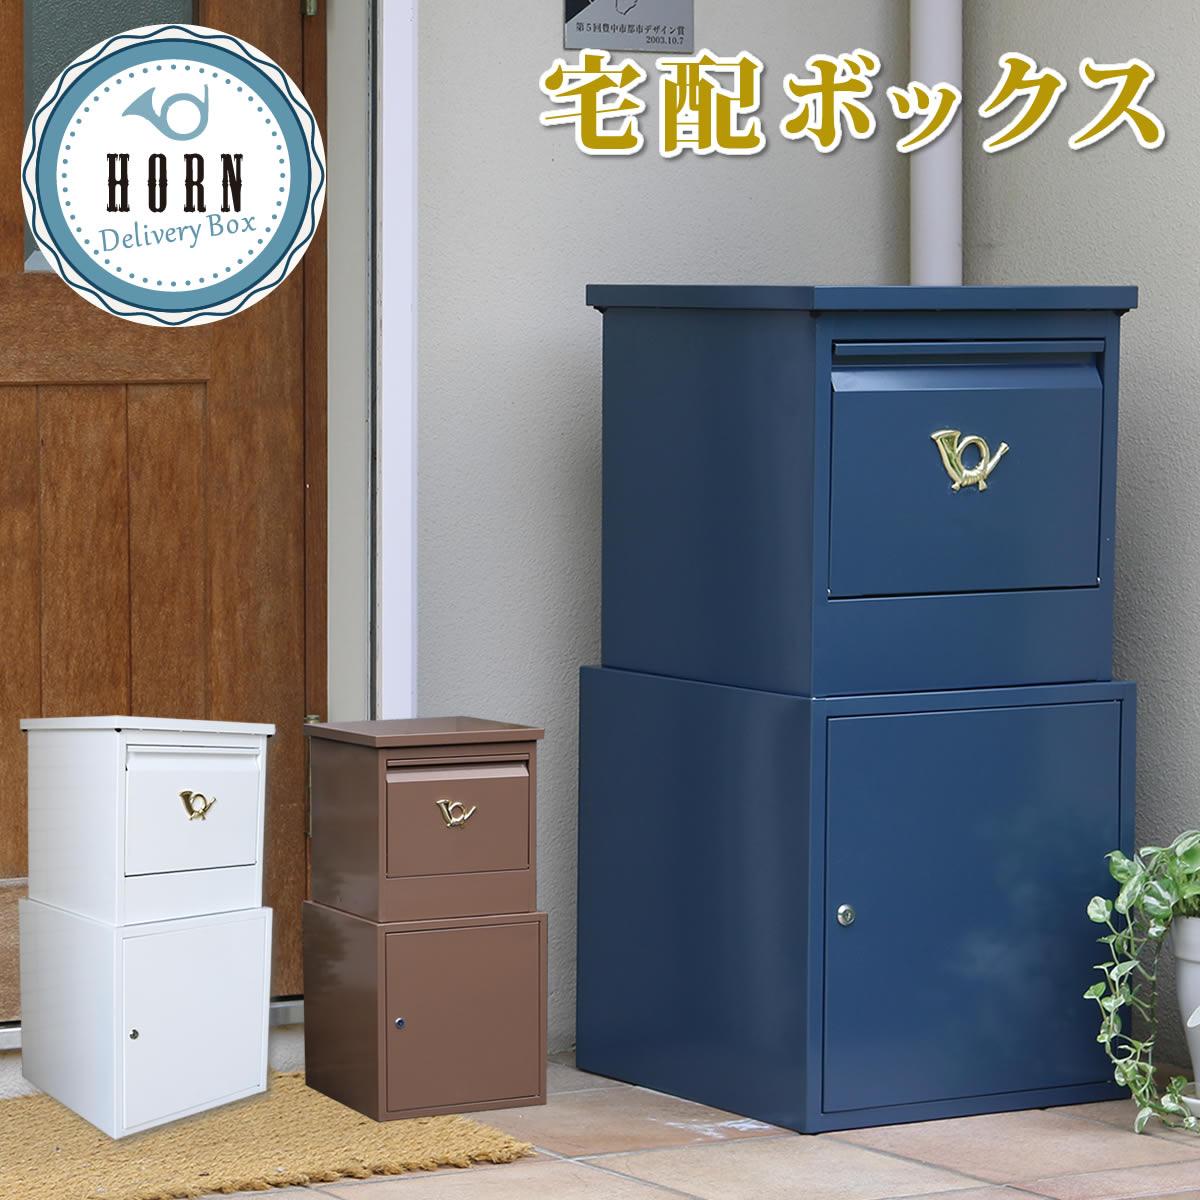 horn ホルン 宅配ボックス DBOX875R